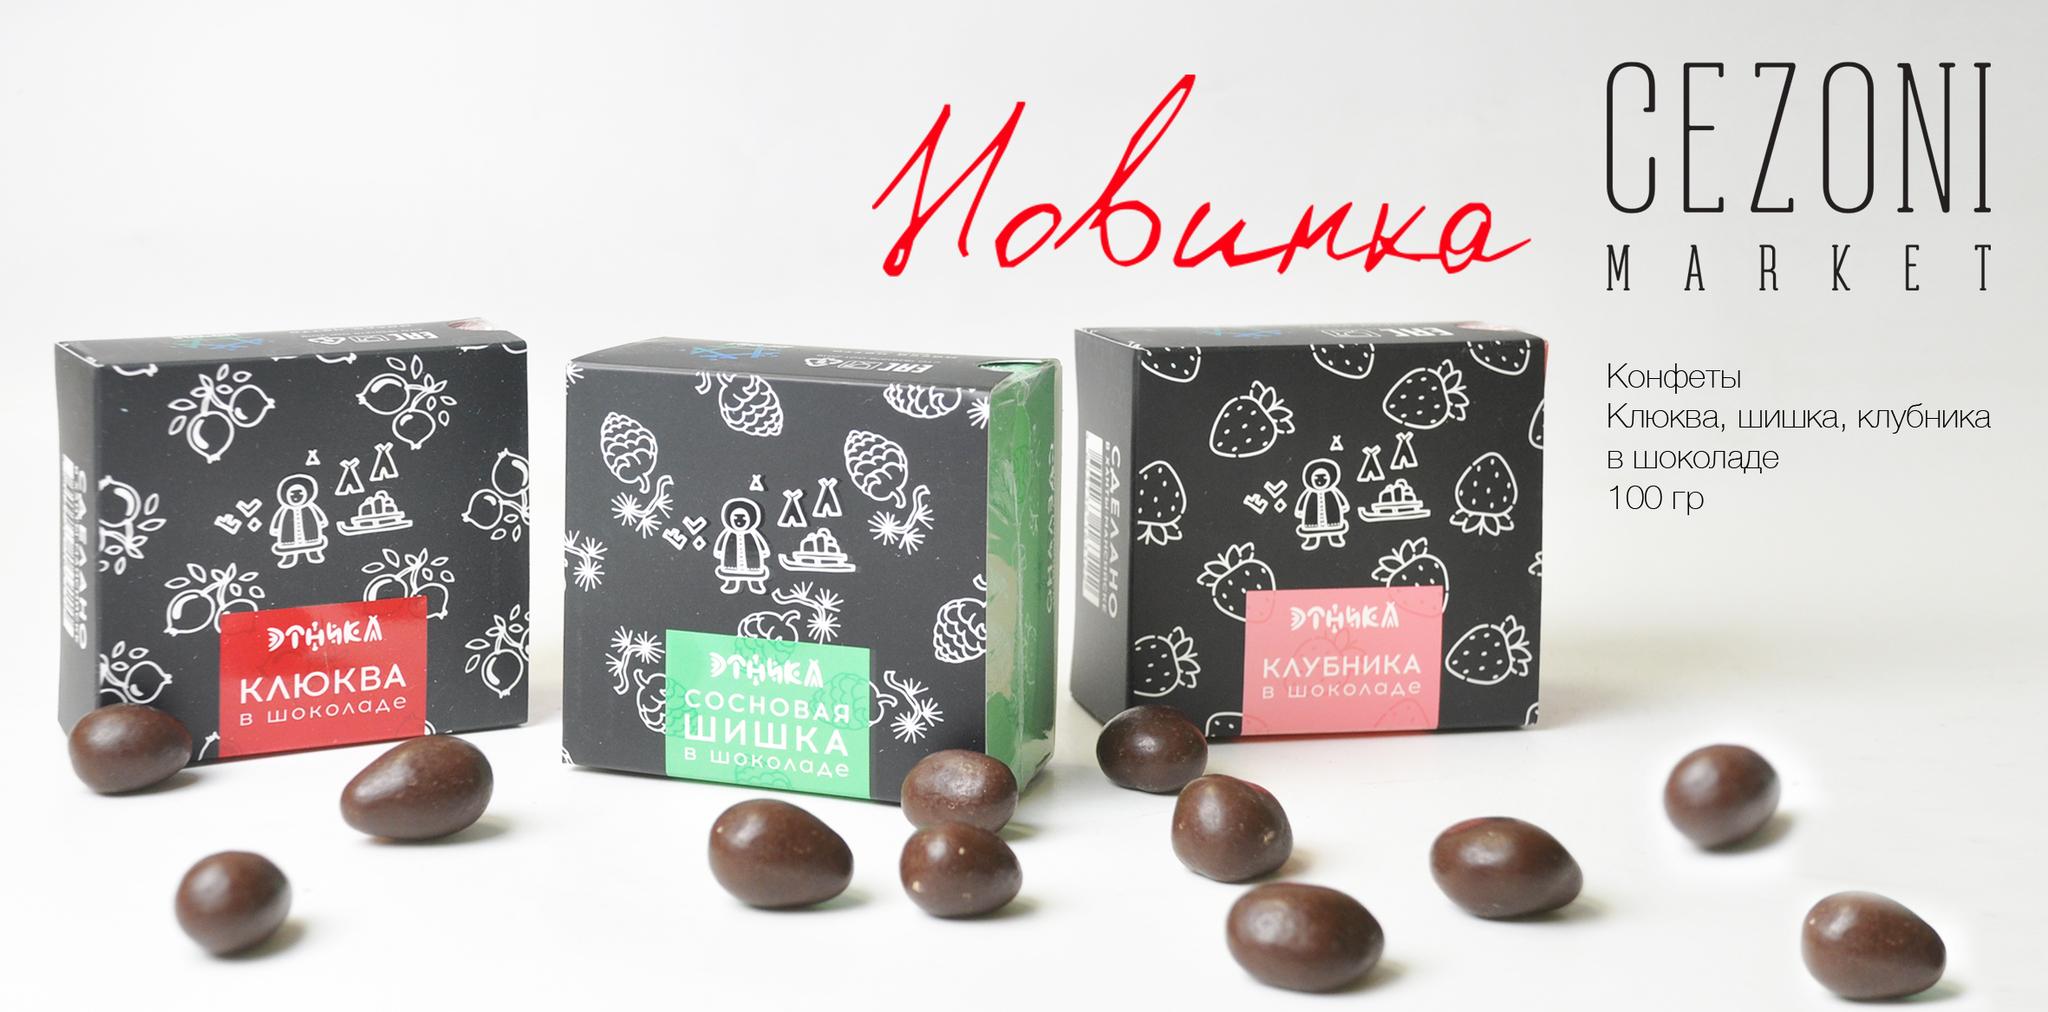 ЭТНИКА Сосновая шишка в шоколаде  100 г